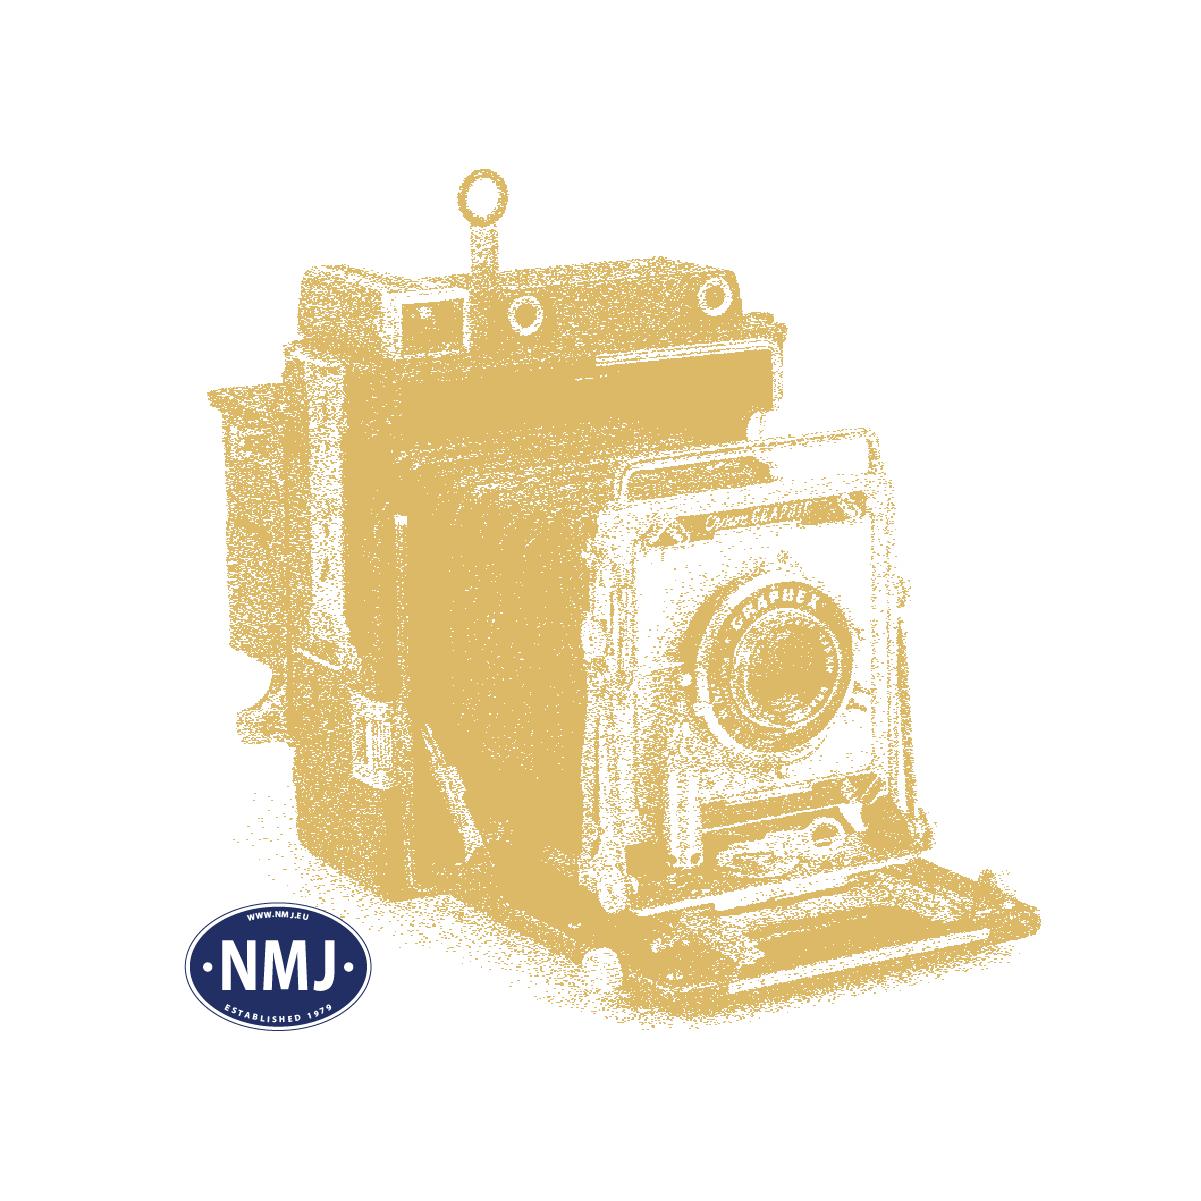 NMJ0T4-1 - NMJ Superline Modell des Rungenwagens Kbkkmp 2176 322 0 472-8 der NSB, Spur 0